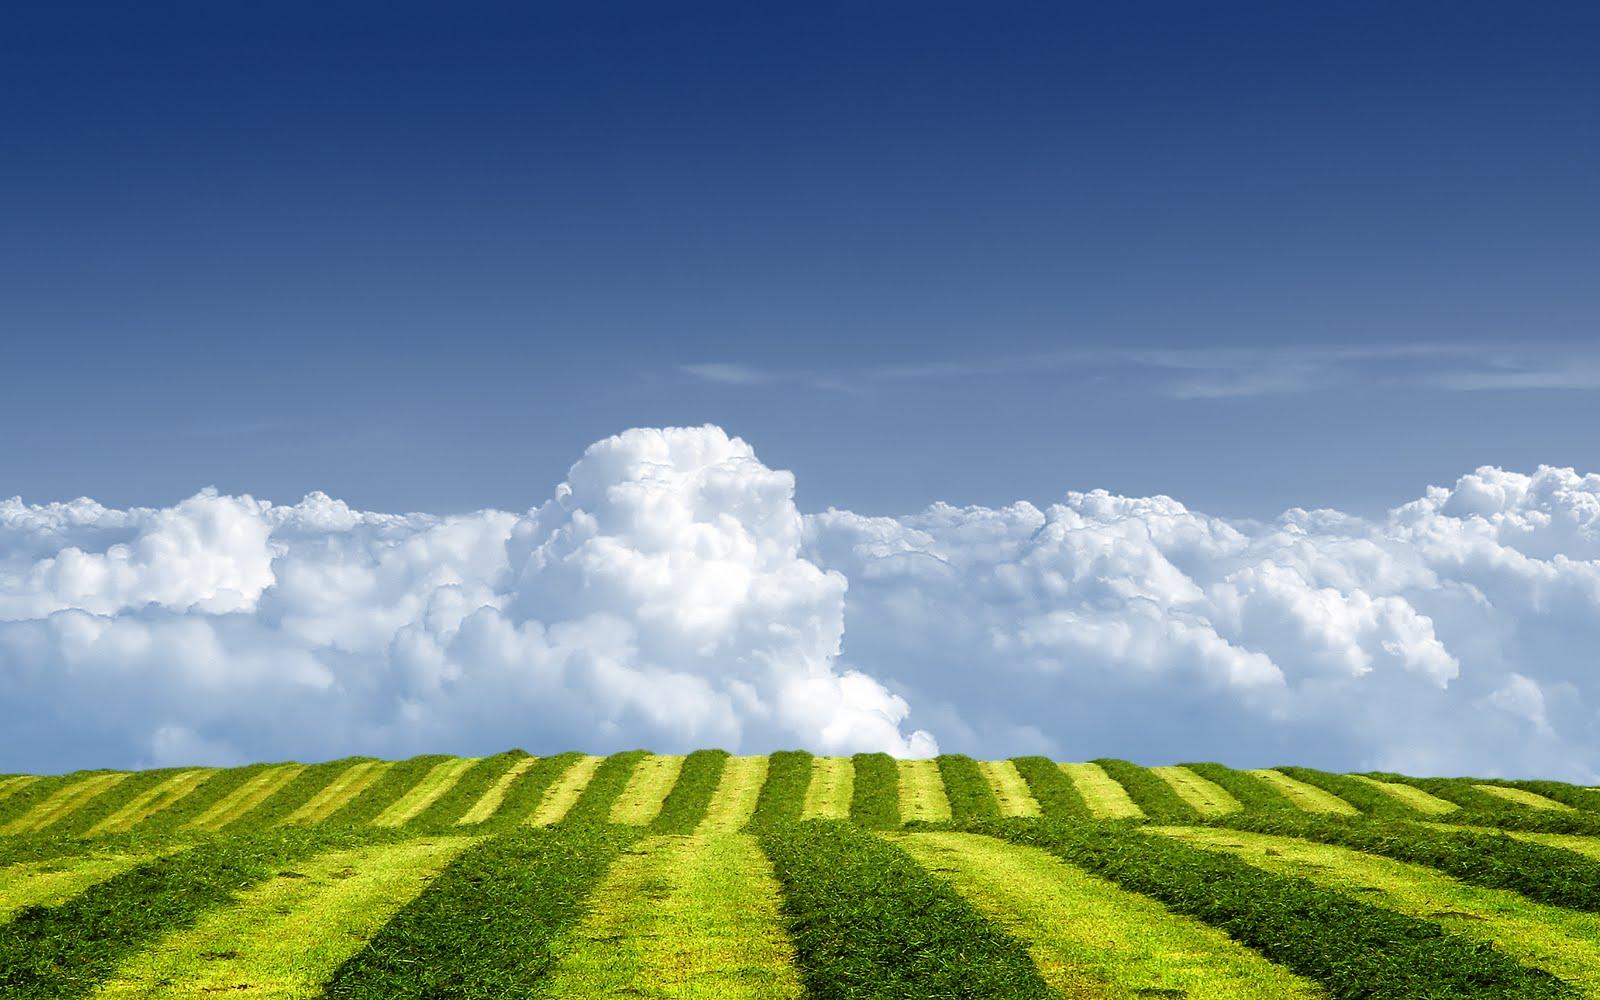 S Hd Image Wallpaper: Natuur Achtergronden